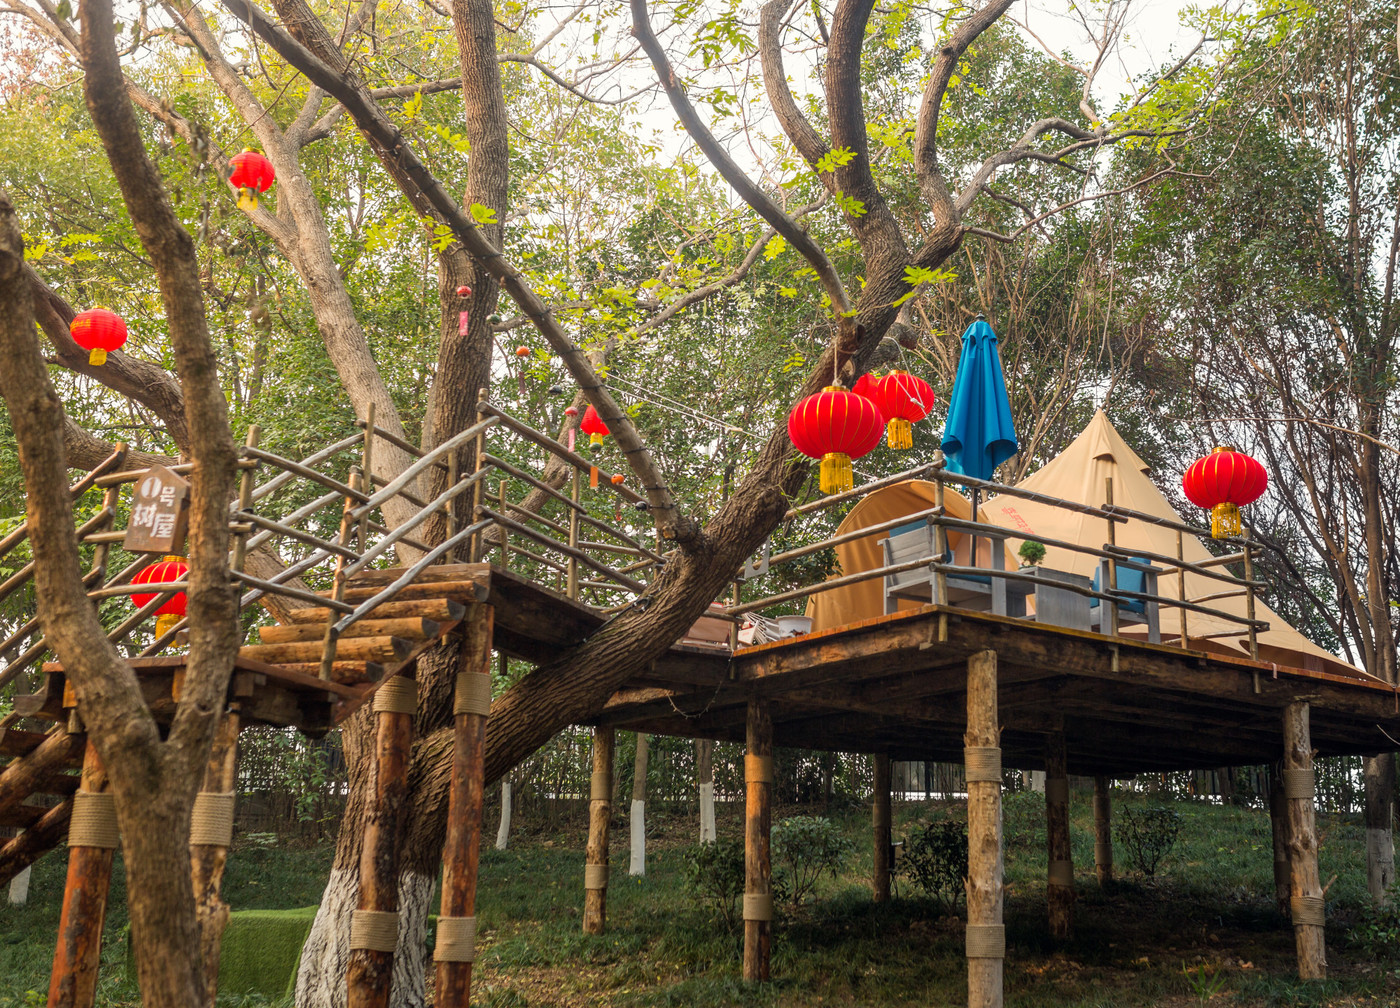 喜马拉雅野奢帐篷酒店—江苏常州天目湖树屋帐篷酒店18